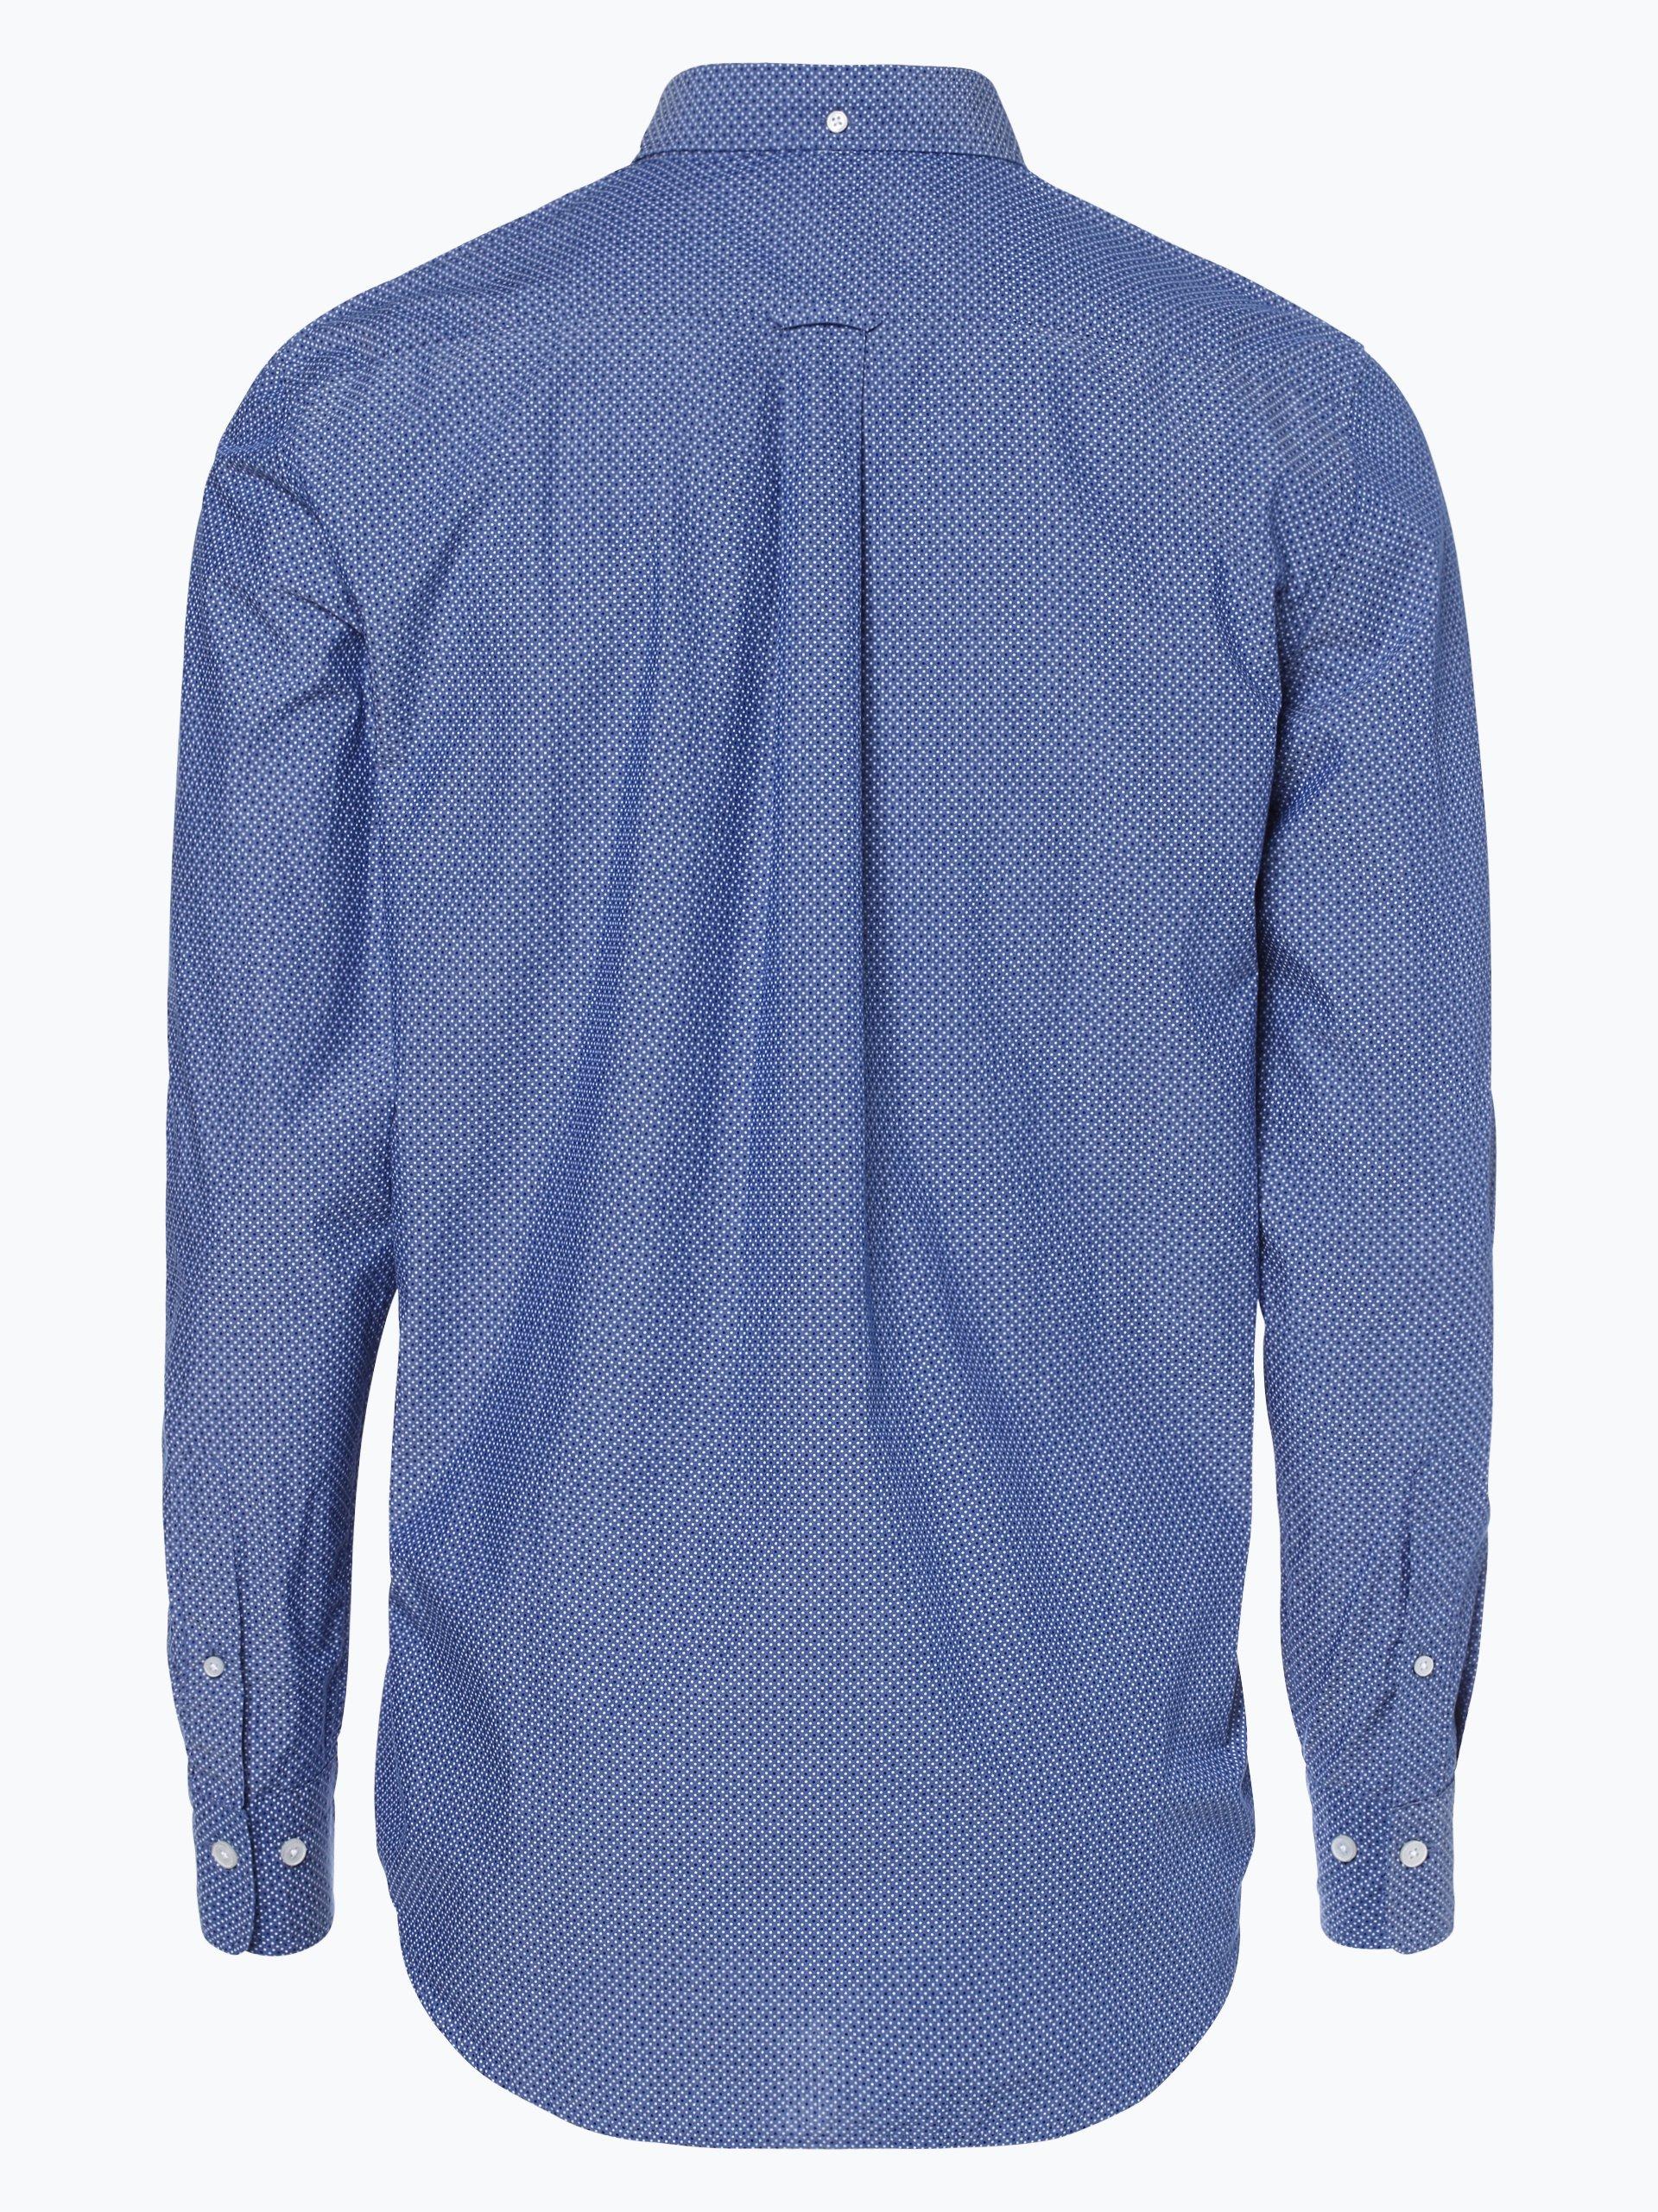 Gant Herren Hemd - Broadcloth